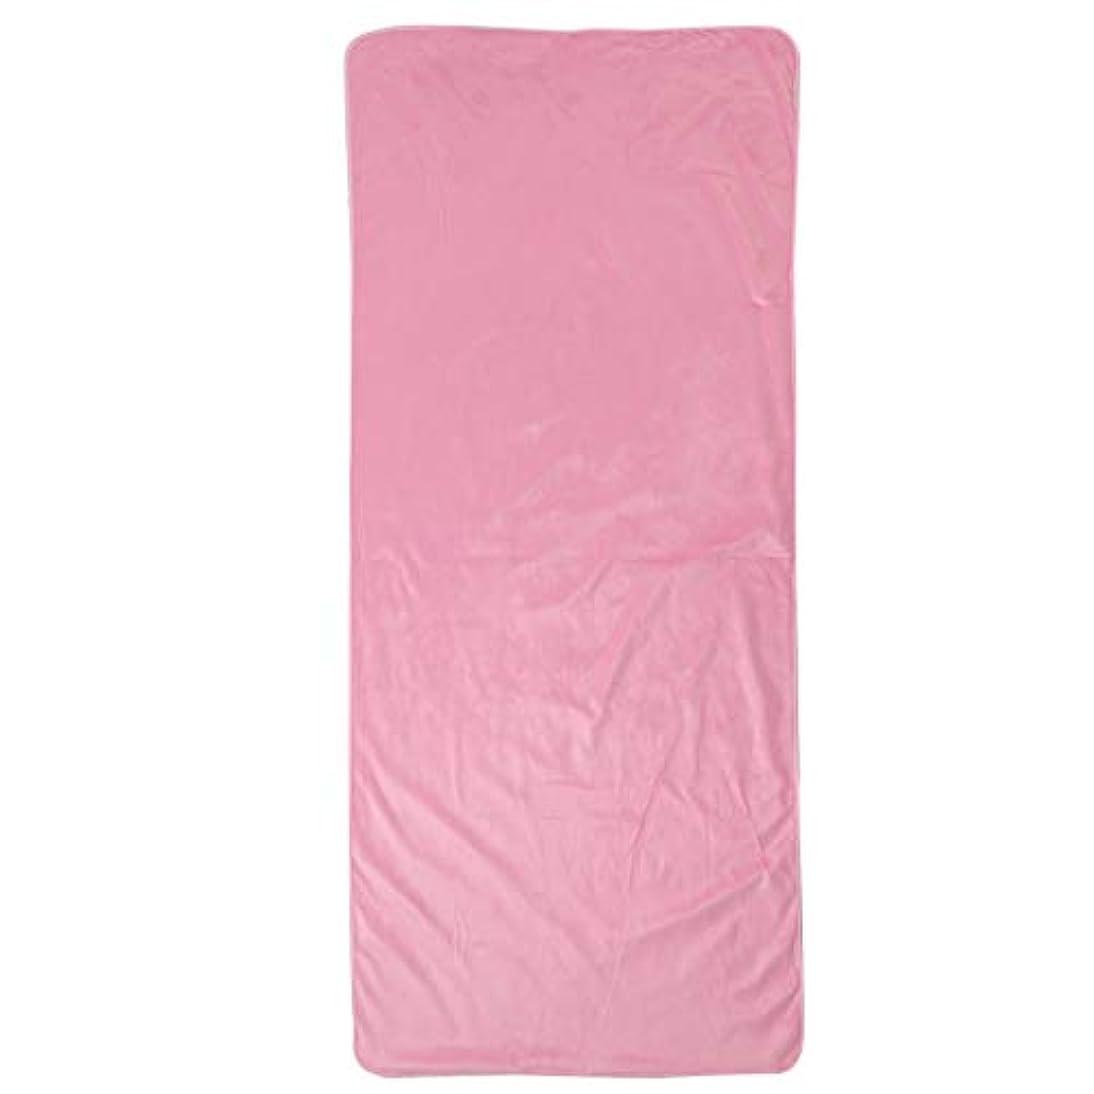 仮装疑問に思う不足FLAMEER マッサージベッドカバー スパ 美容ベッド エステベッドシーツ 通気性 快適